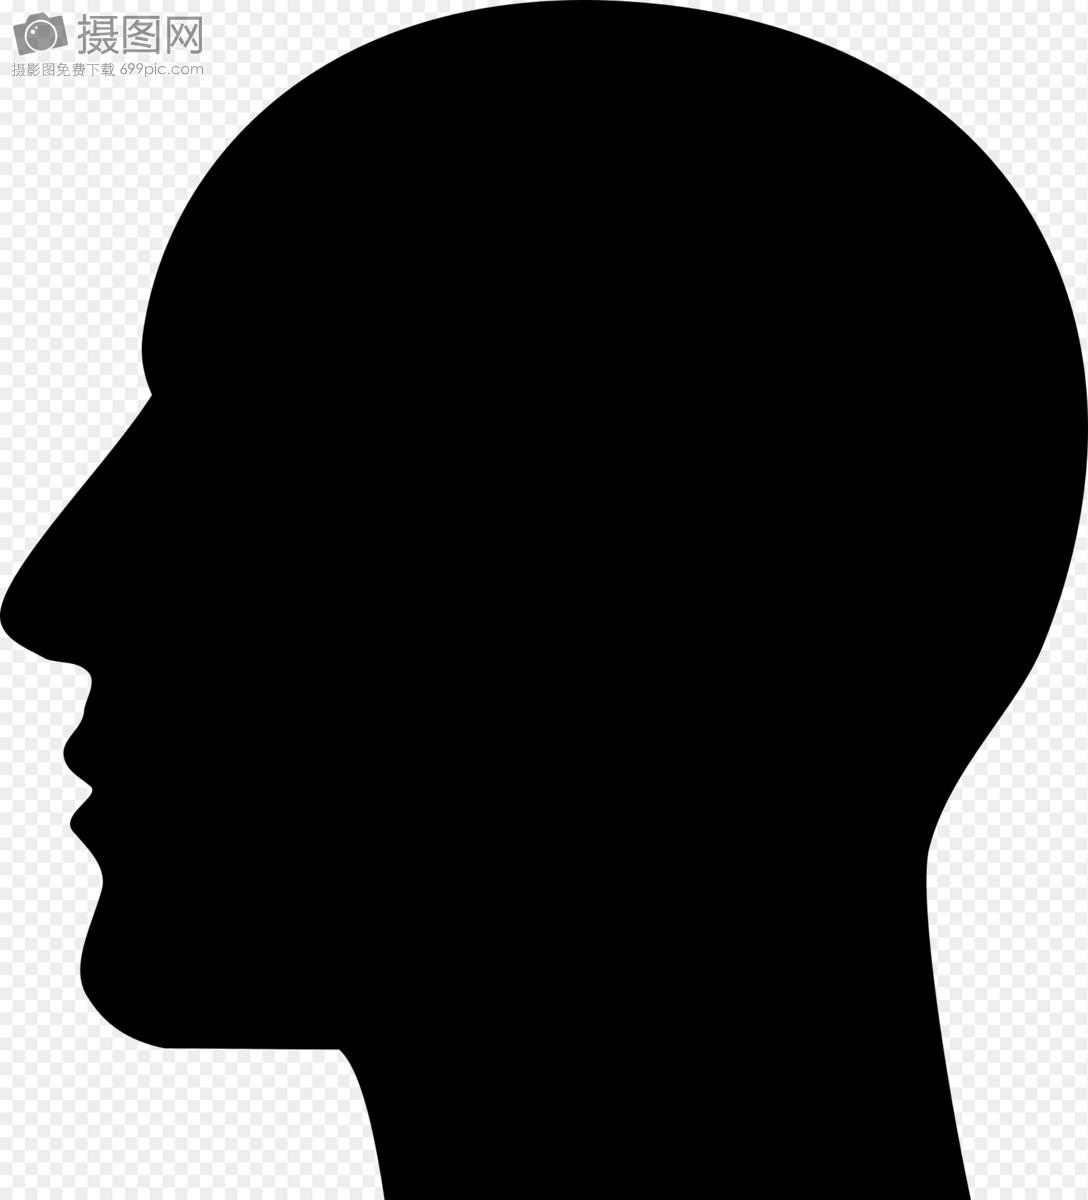 黑色的头像侧脸图片素材_免费下载_svg图片格式_高清图片400014880_摄